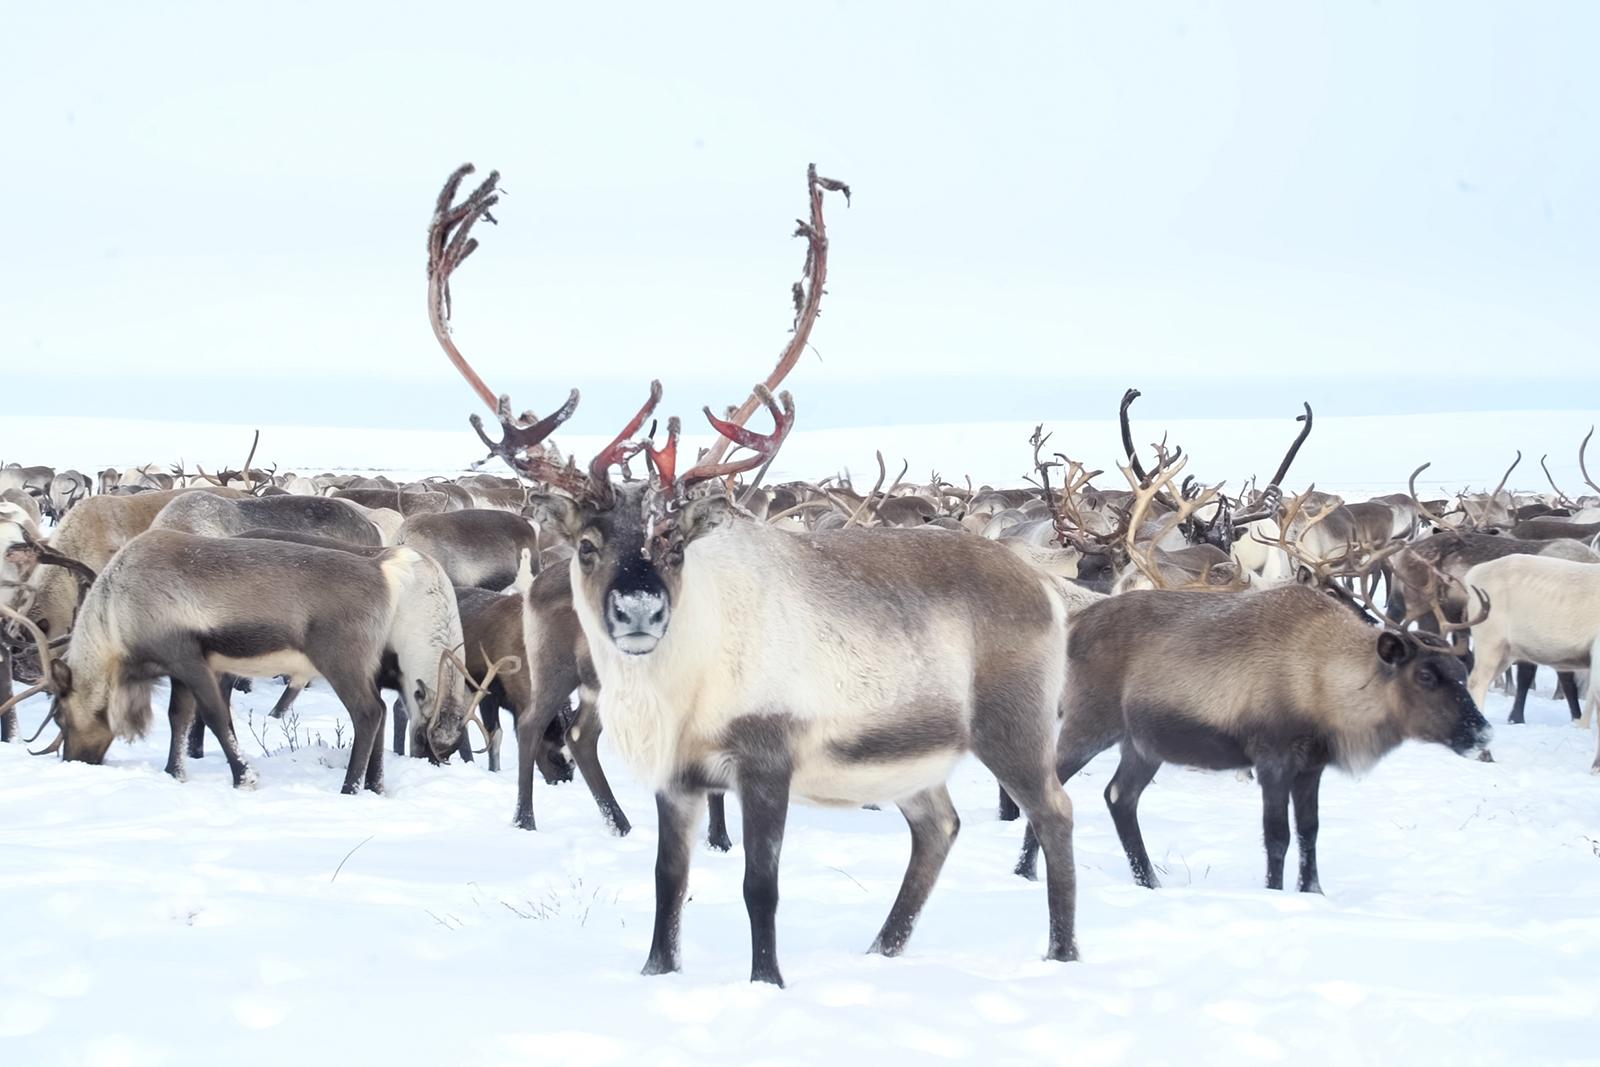 Reindeer herd. Photo: Shutterstock